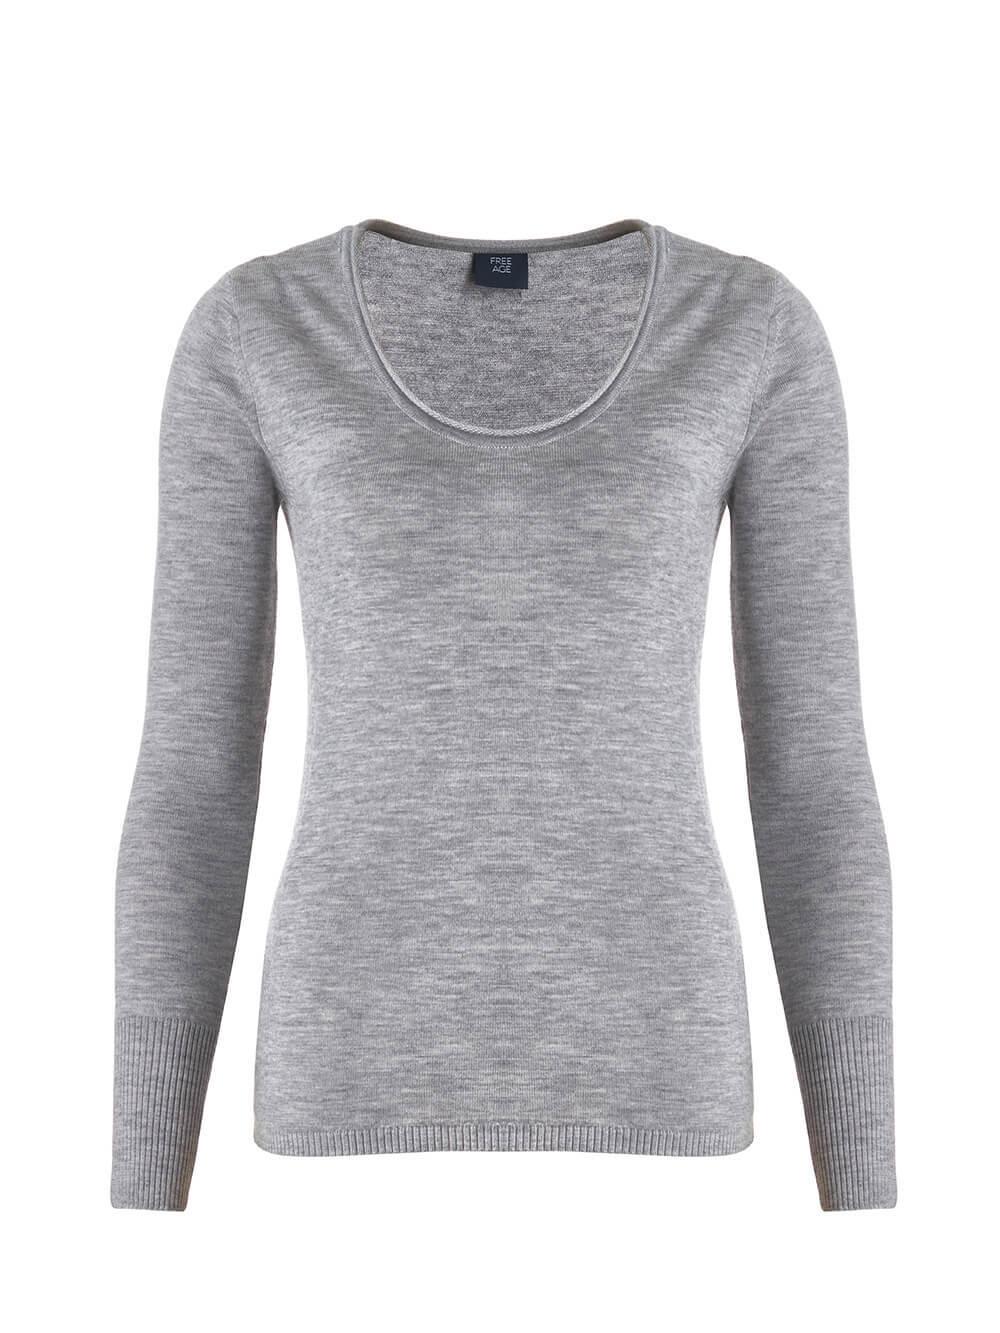 Женский джемпер светло-серого цвета из 100% кашемира - фото 1